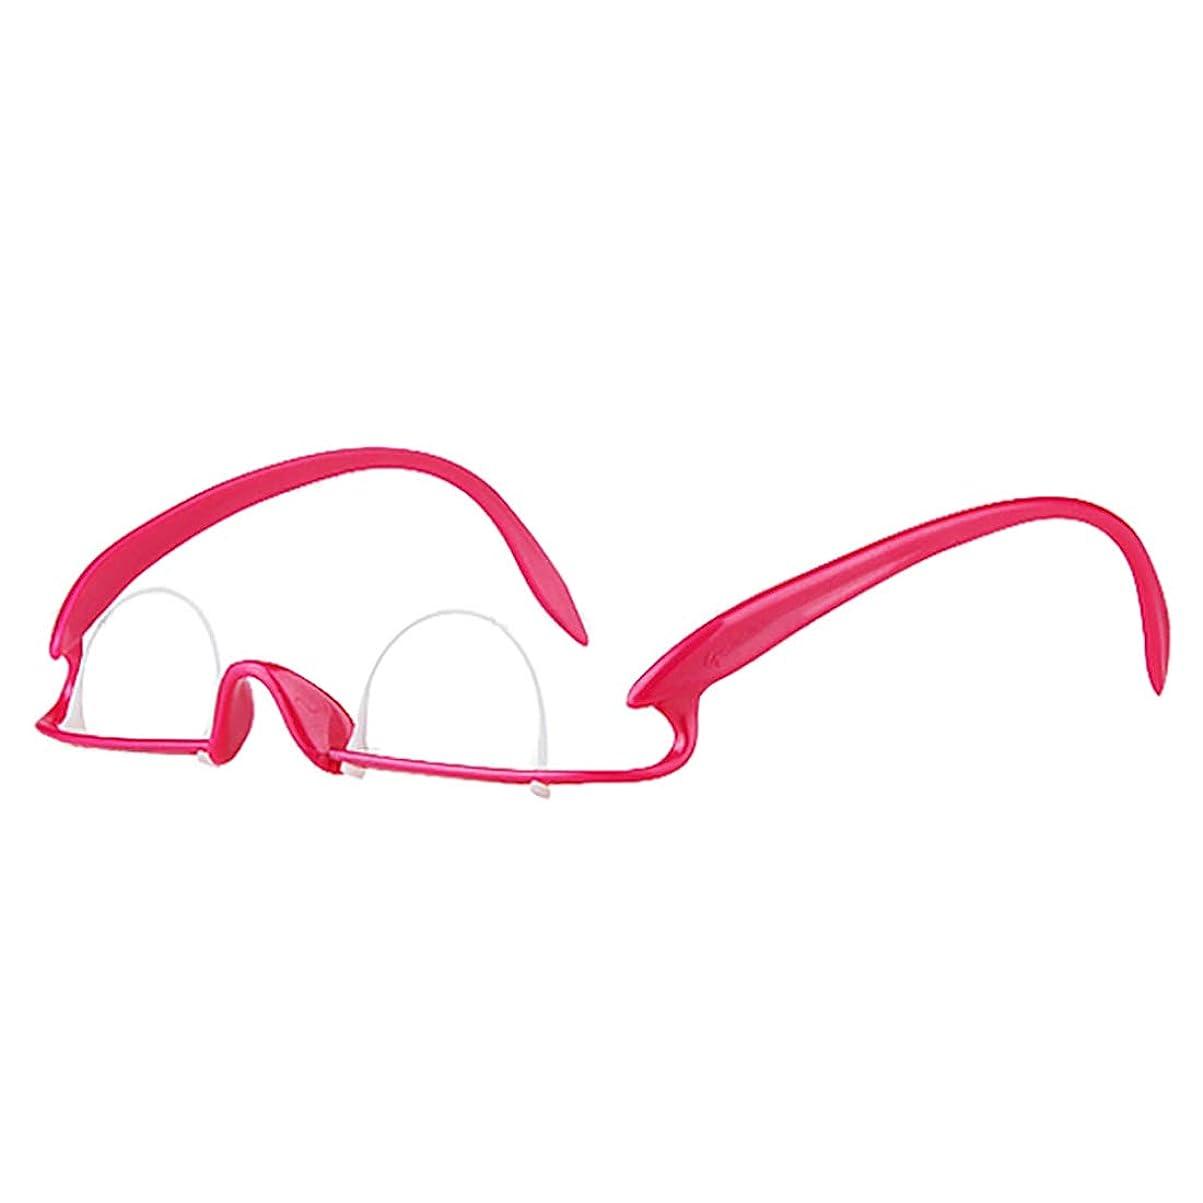 信号鈍いにんじん億騰 二重まぶた用メガネ 二重まぶた運動 二重まぶた形成 二重まぶた運動器 メガネトレーナー